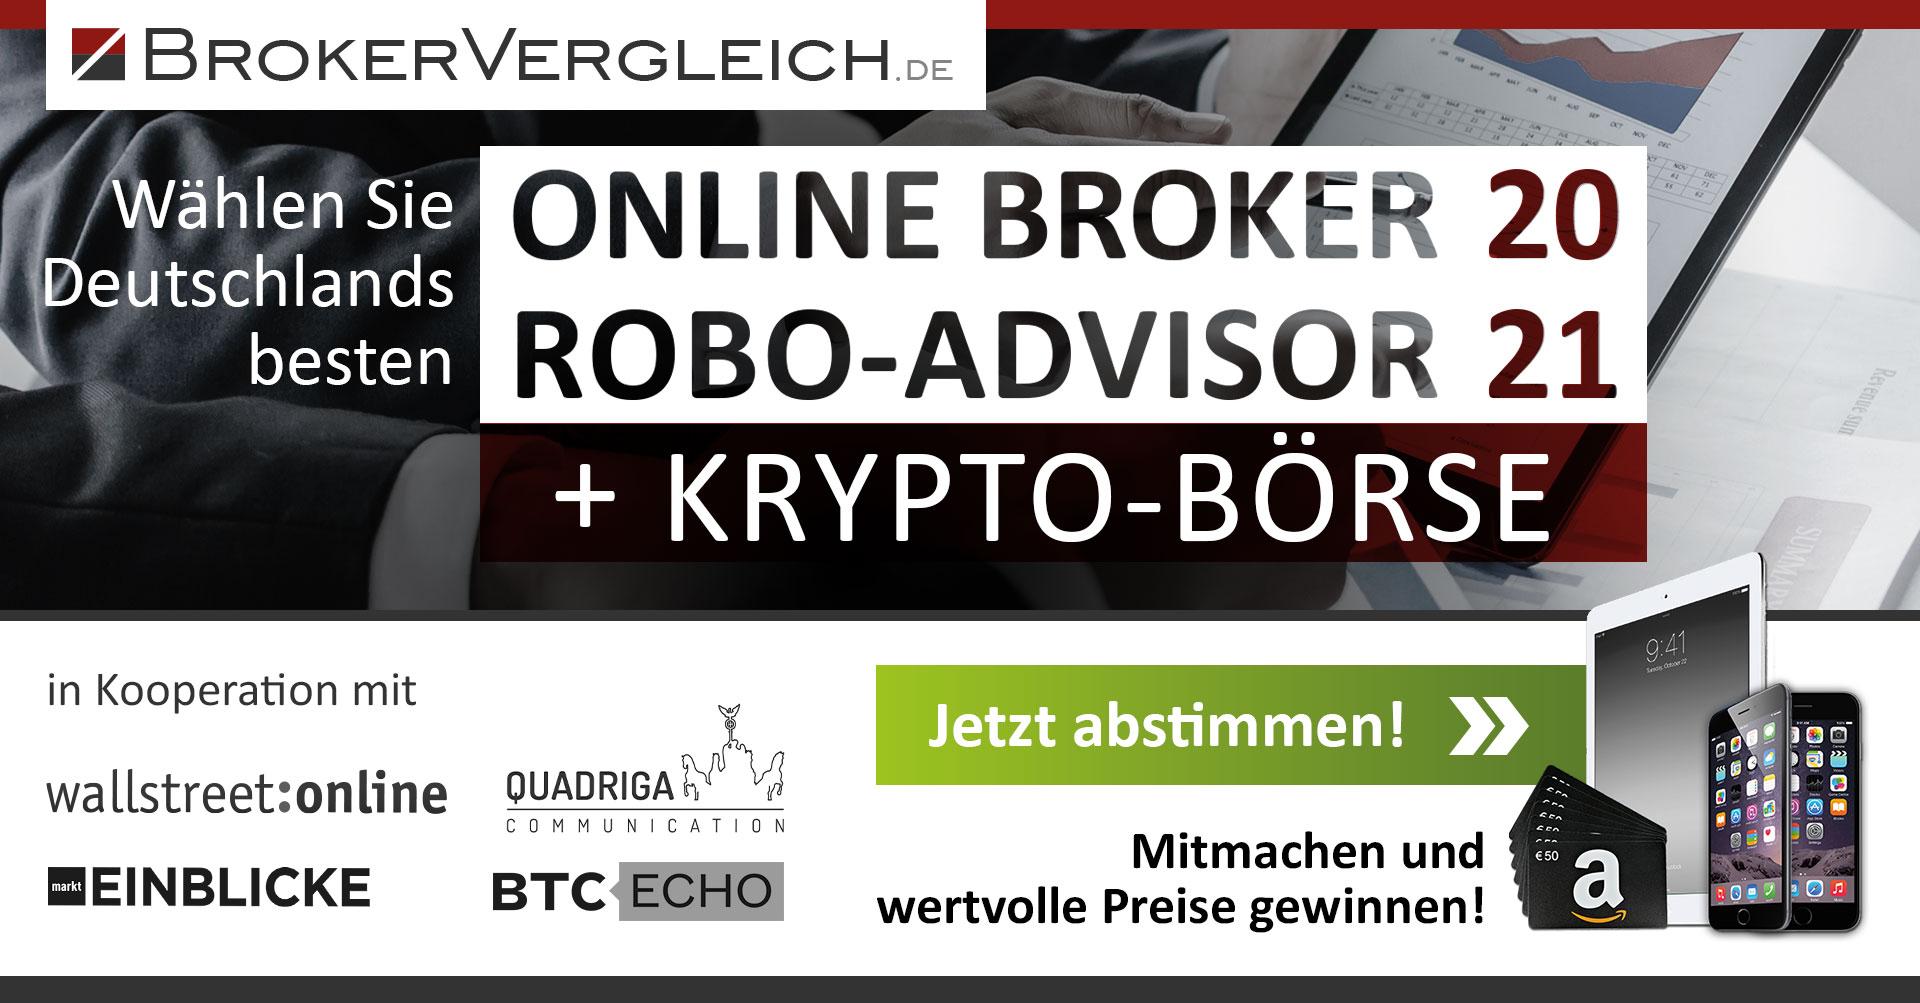 broker-and-robo-advisor-and-krypto-2021-brokervergleich-de-1920x1003